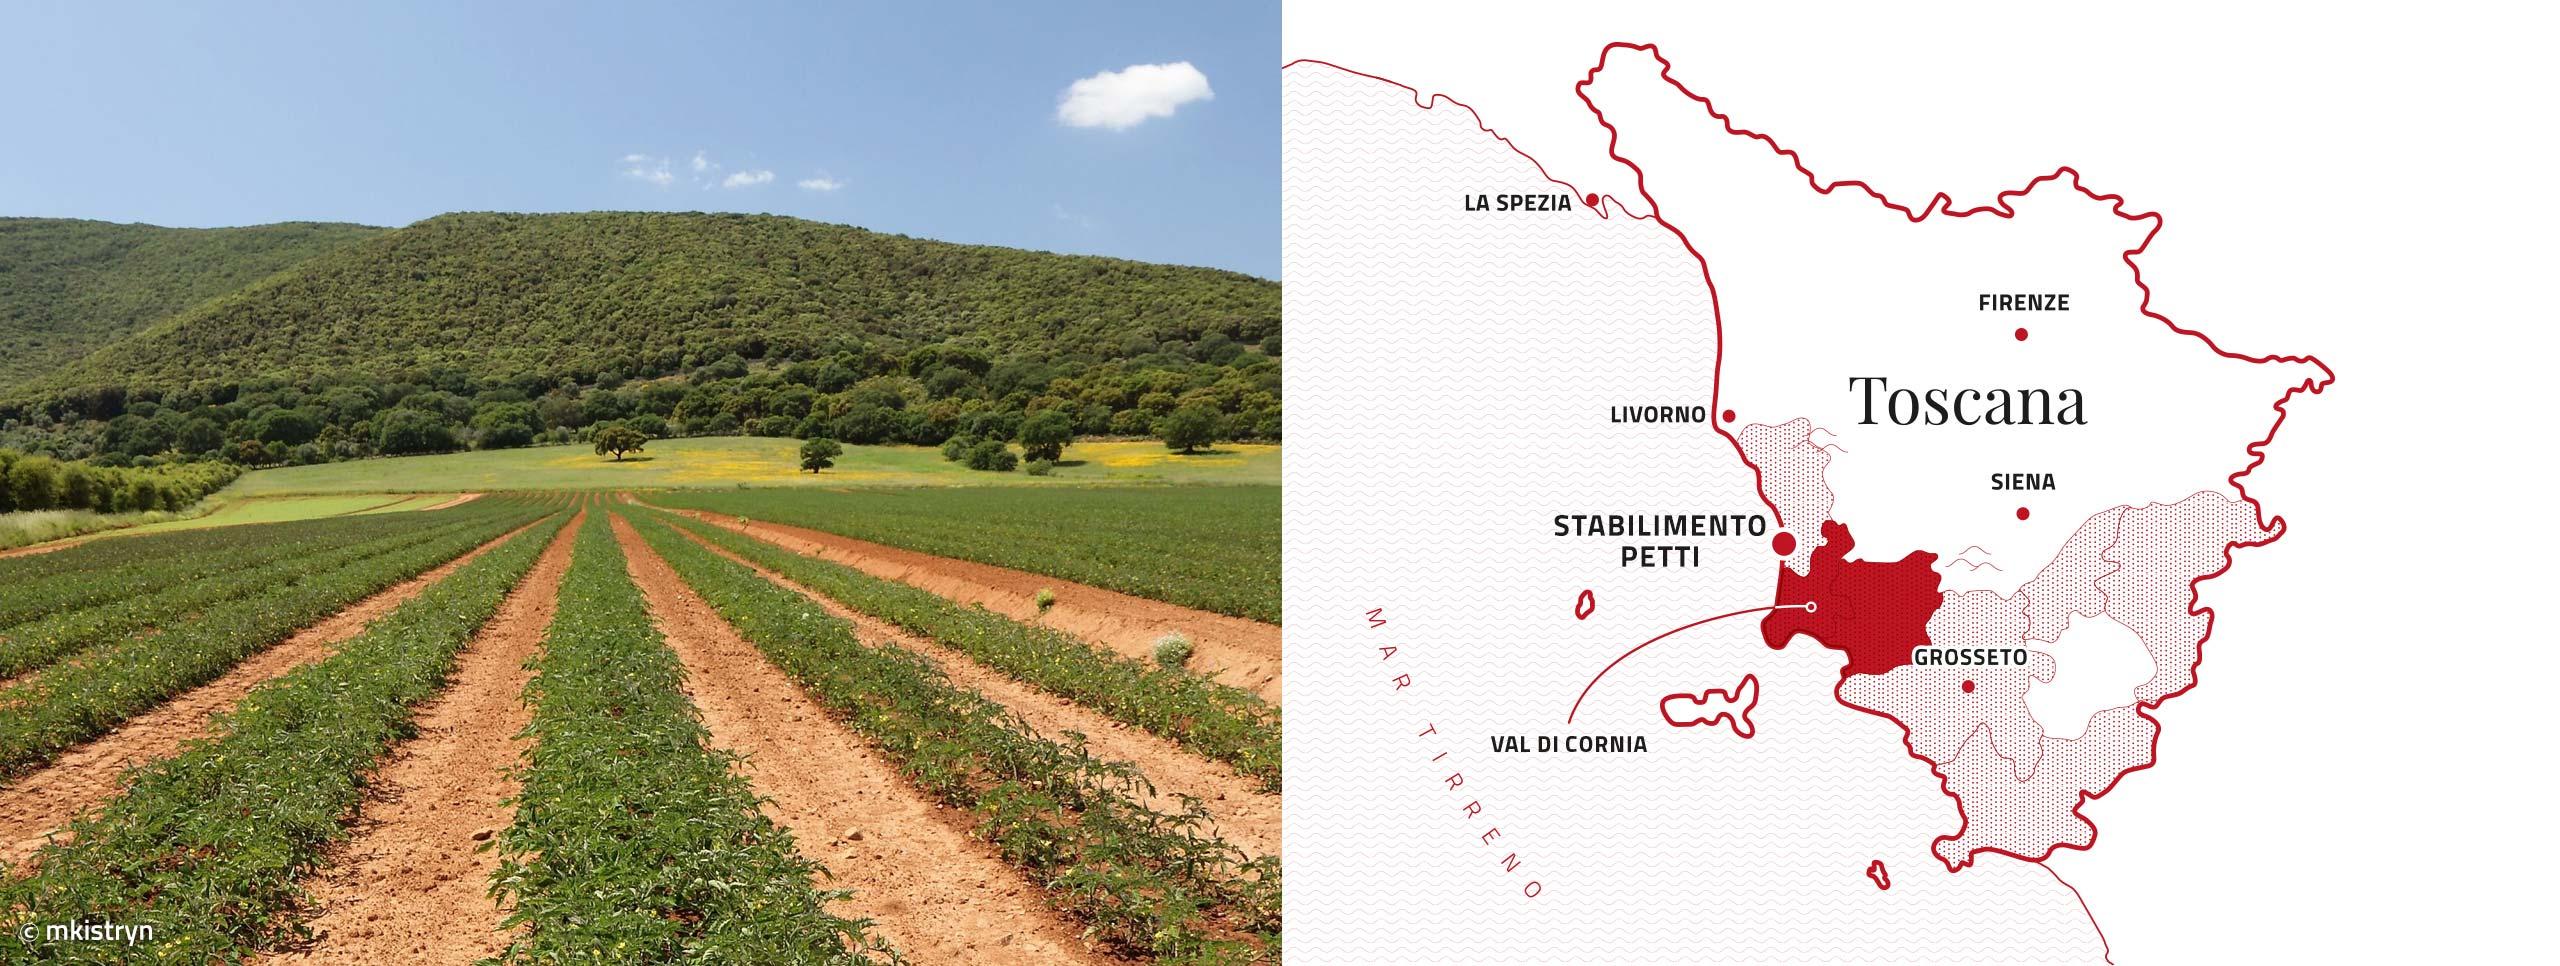 Mappa stabilimenti petti Val di Cornia